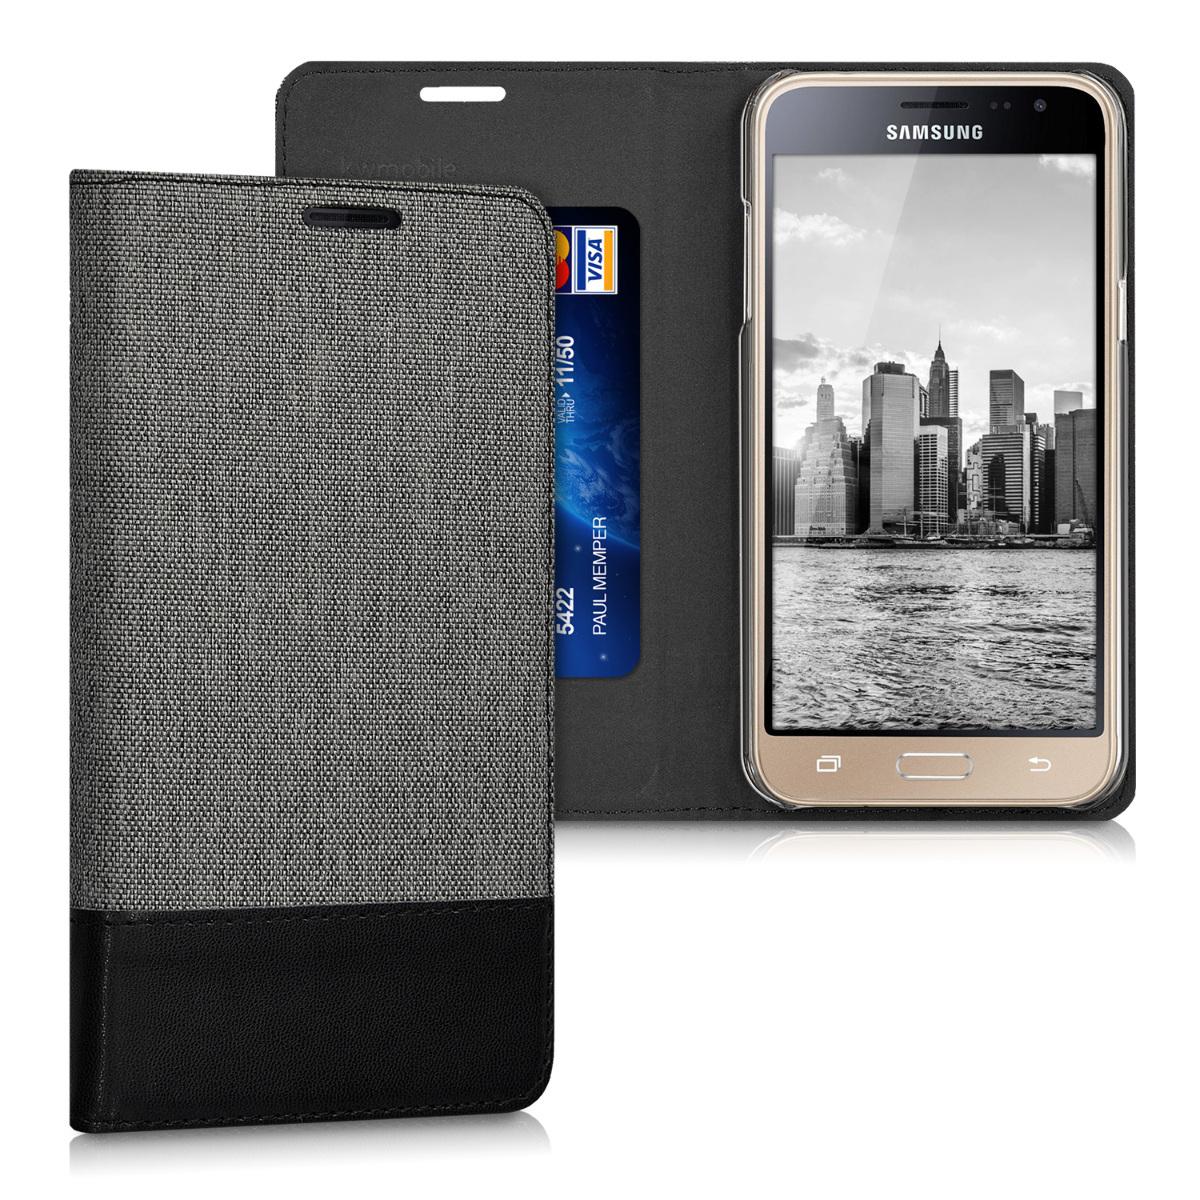 KW Θήκη - Πορτοφόλι Samsung Galaxy J3 (2016) DUOS - Συνθετικό Δέρμα - Grey / Black (38156.22)